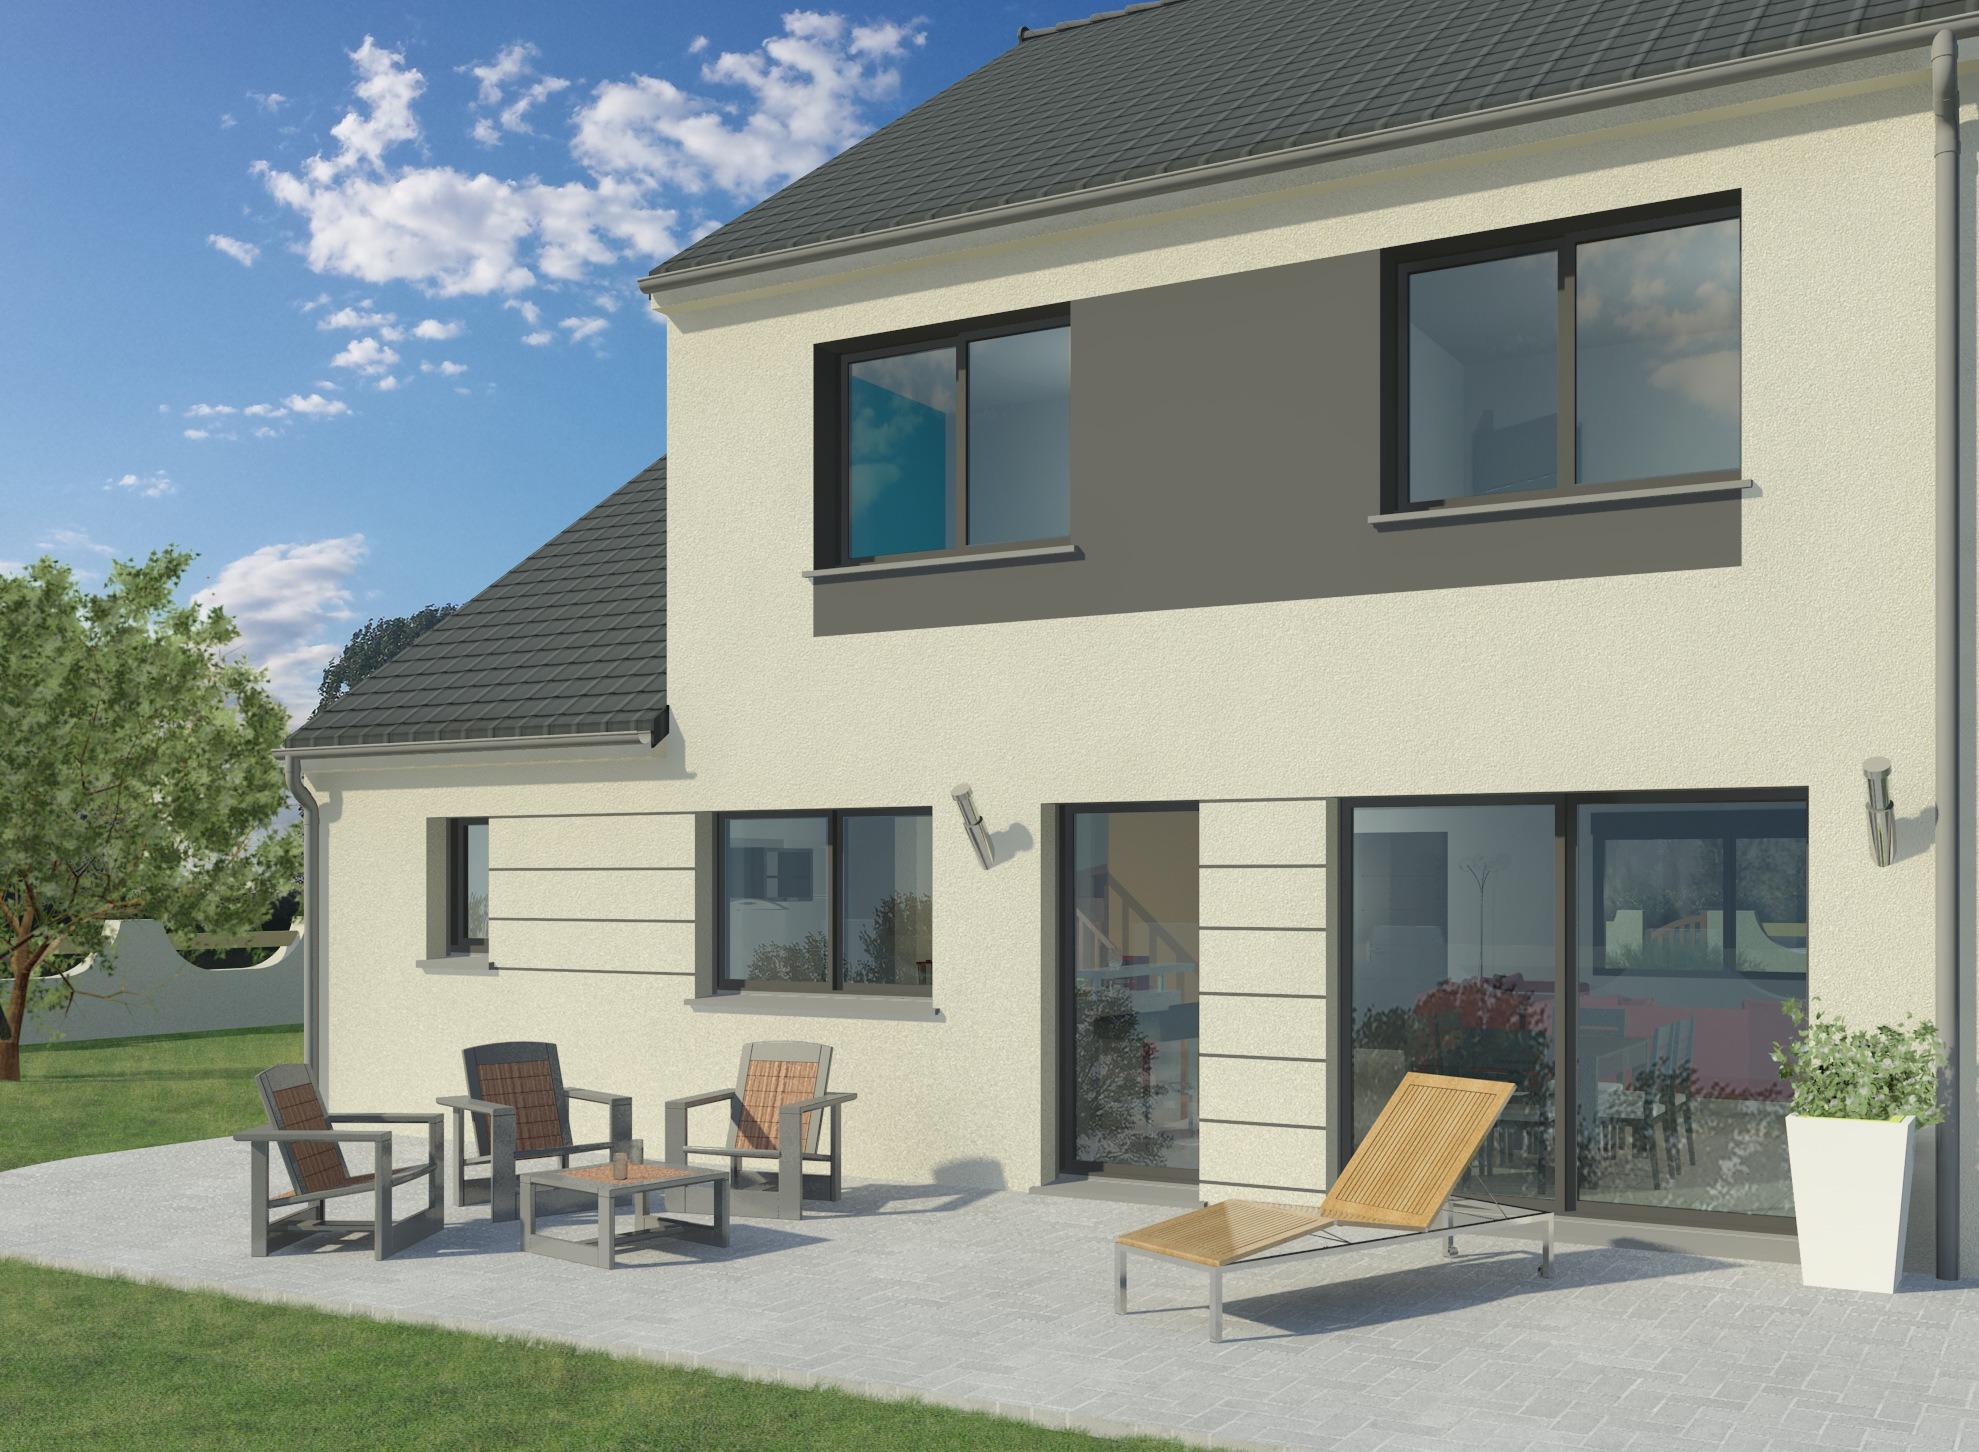 Maisons + Terrains du constructeur MAISON FAMILIALE MOISELLES/BALLER EN F • 118 m² • LE PLESSIS BELLEVILLE